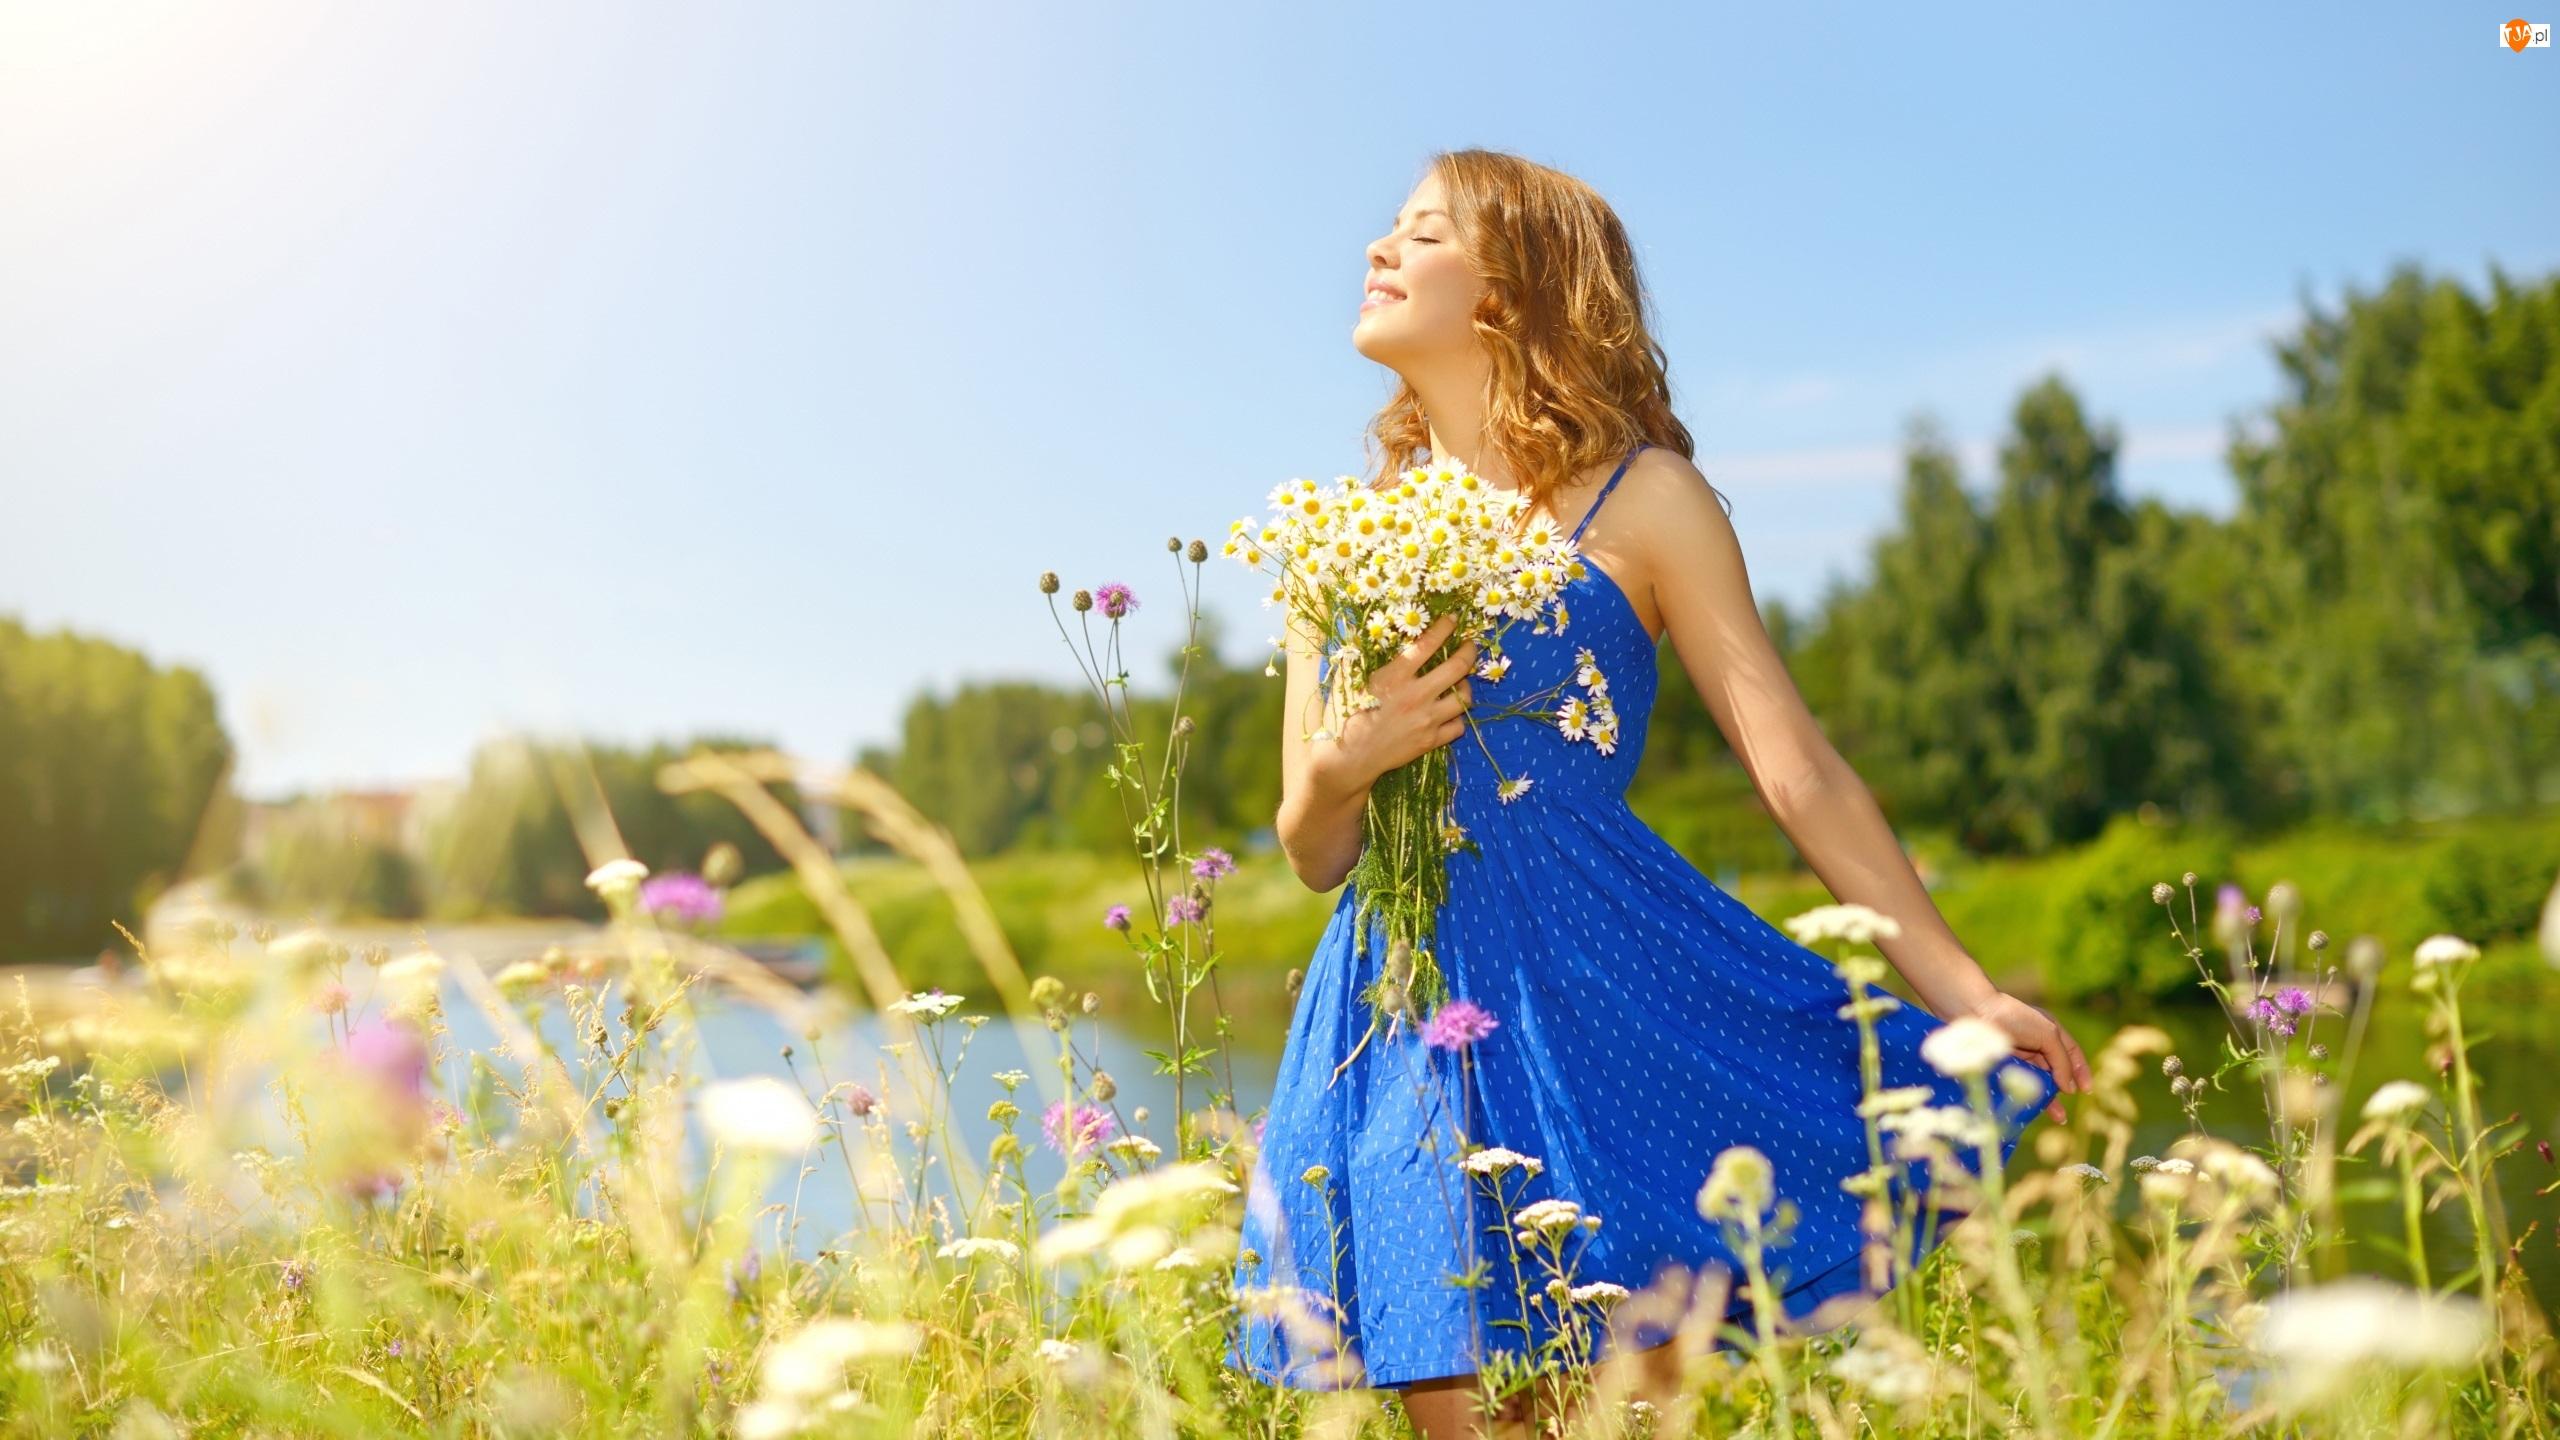 Sukienka, Rumianek, Kobieta, Łąka, Niebieska, Kwiaty